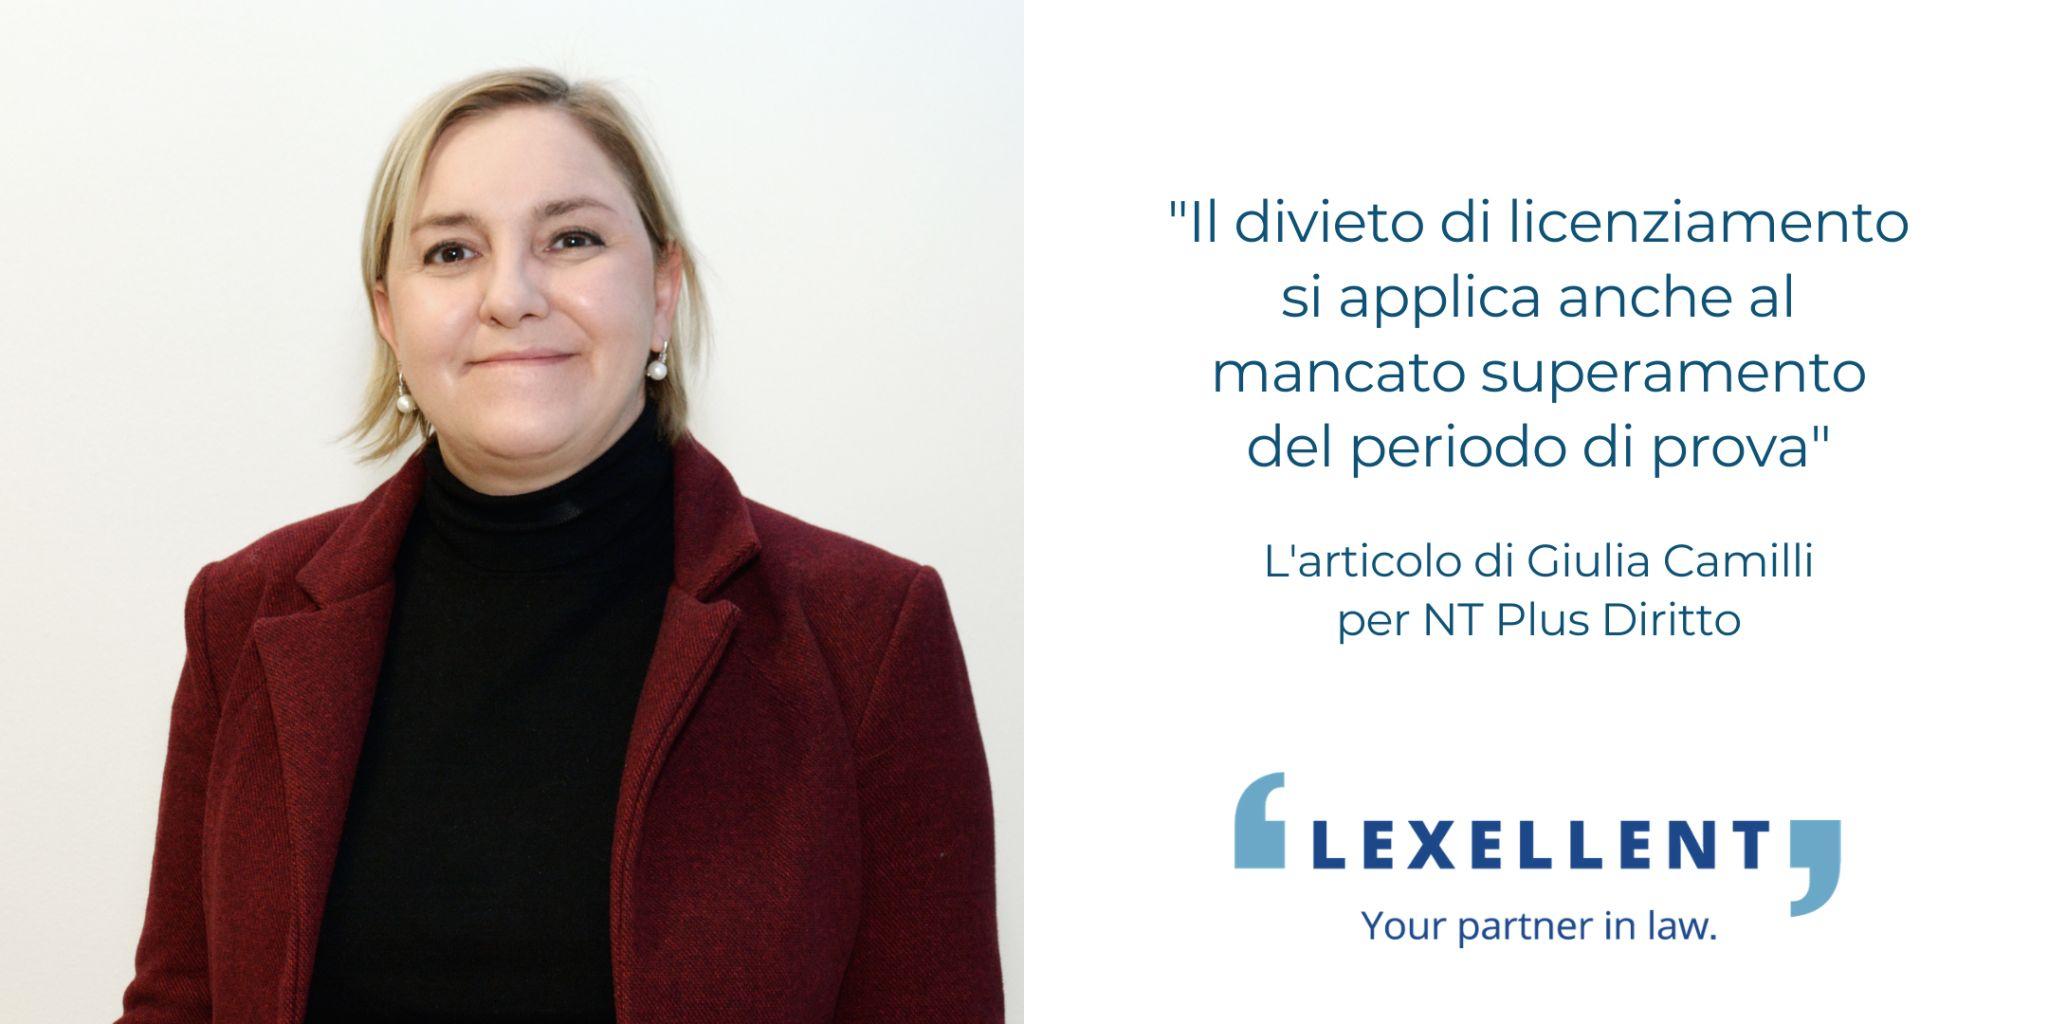 """""""Il divieto di licenziamento si applica anche al mancato superamento del periodo di prova"""": l'articolo di Giulia Camilli per NT Plus Diritto"""